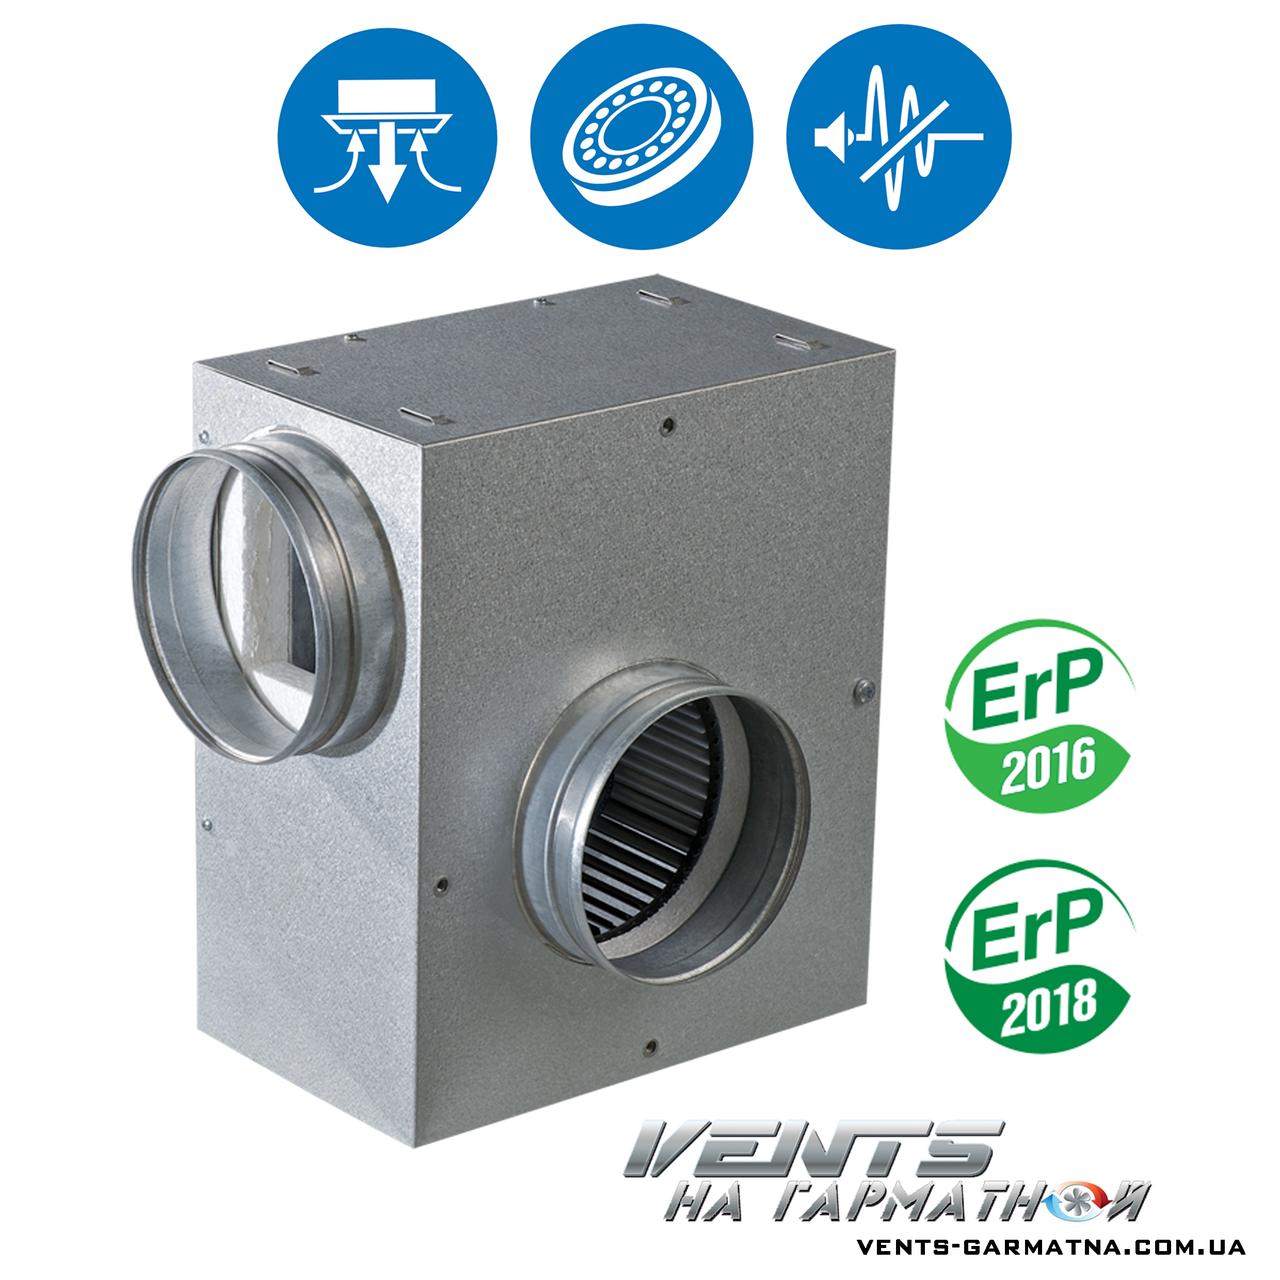 Вентс КСА 160 2Е. Шумоизолированный вентилятор с регулятором скорости и температуры